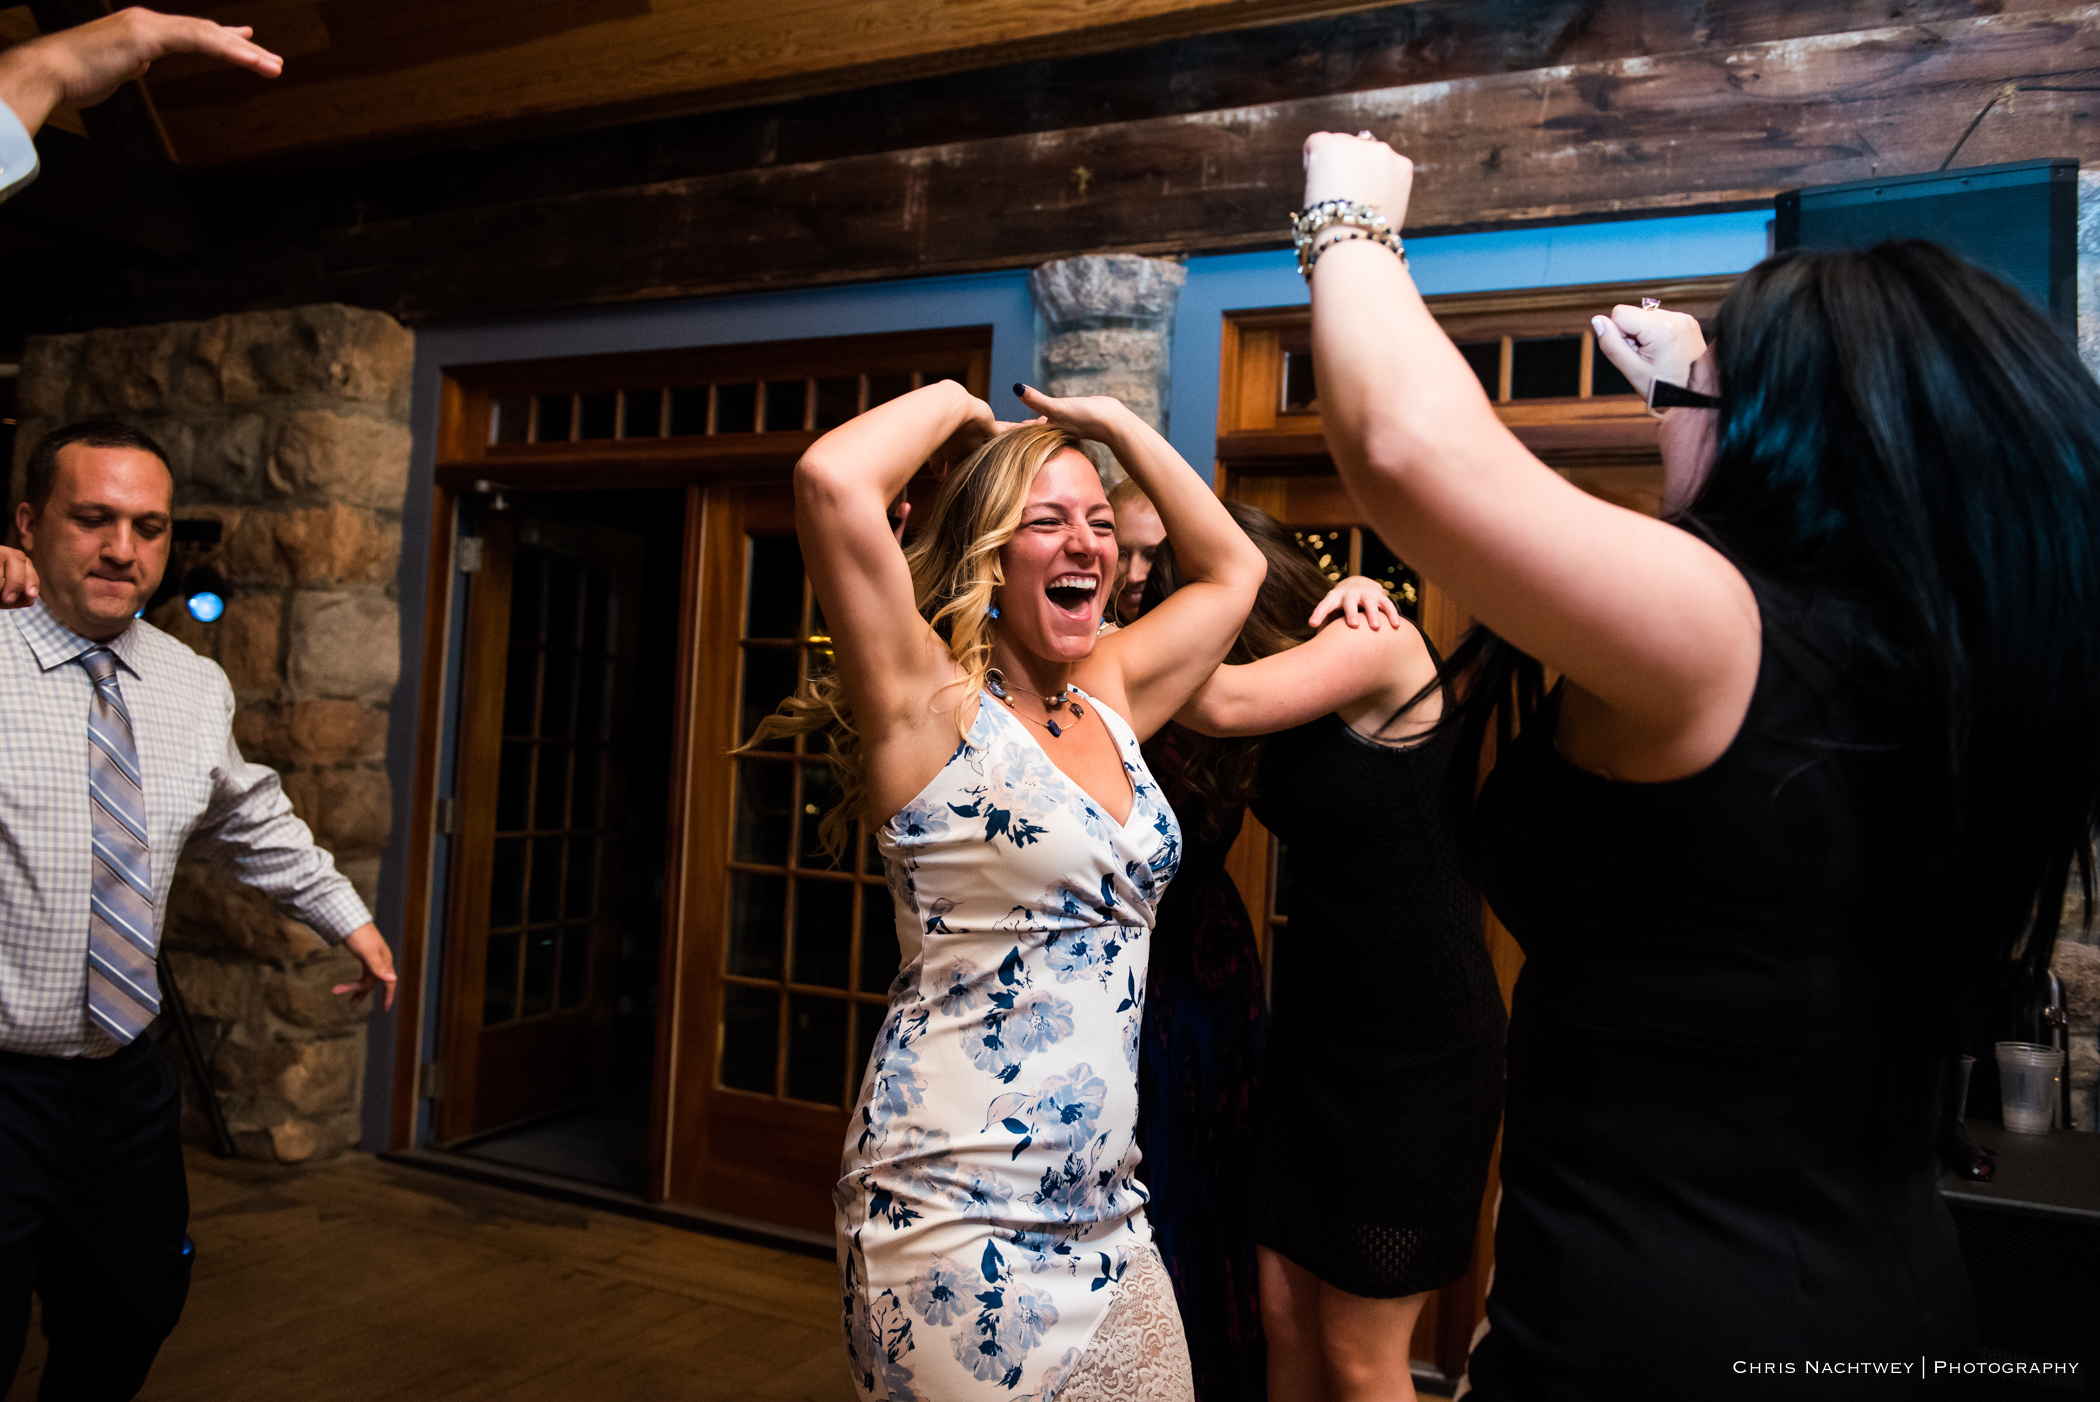 lauren-shaun-the-towers-ri-wedding-chris-nachtwey-photography-2017-44.jpg